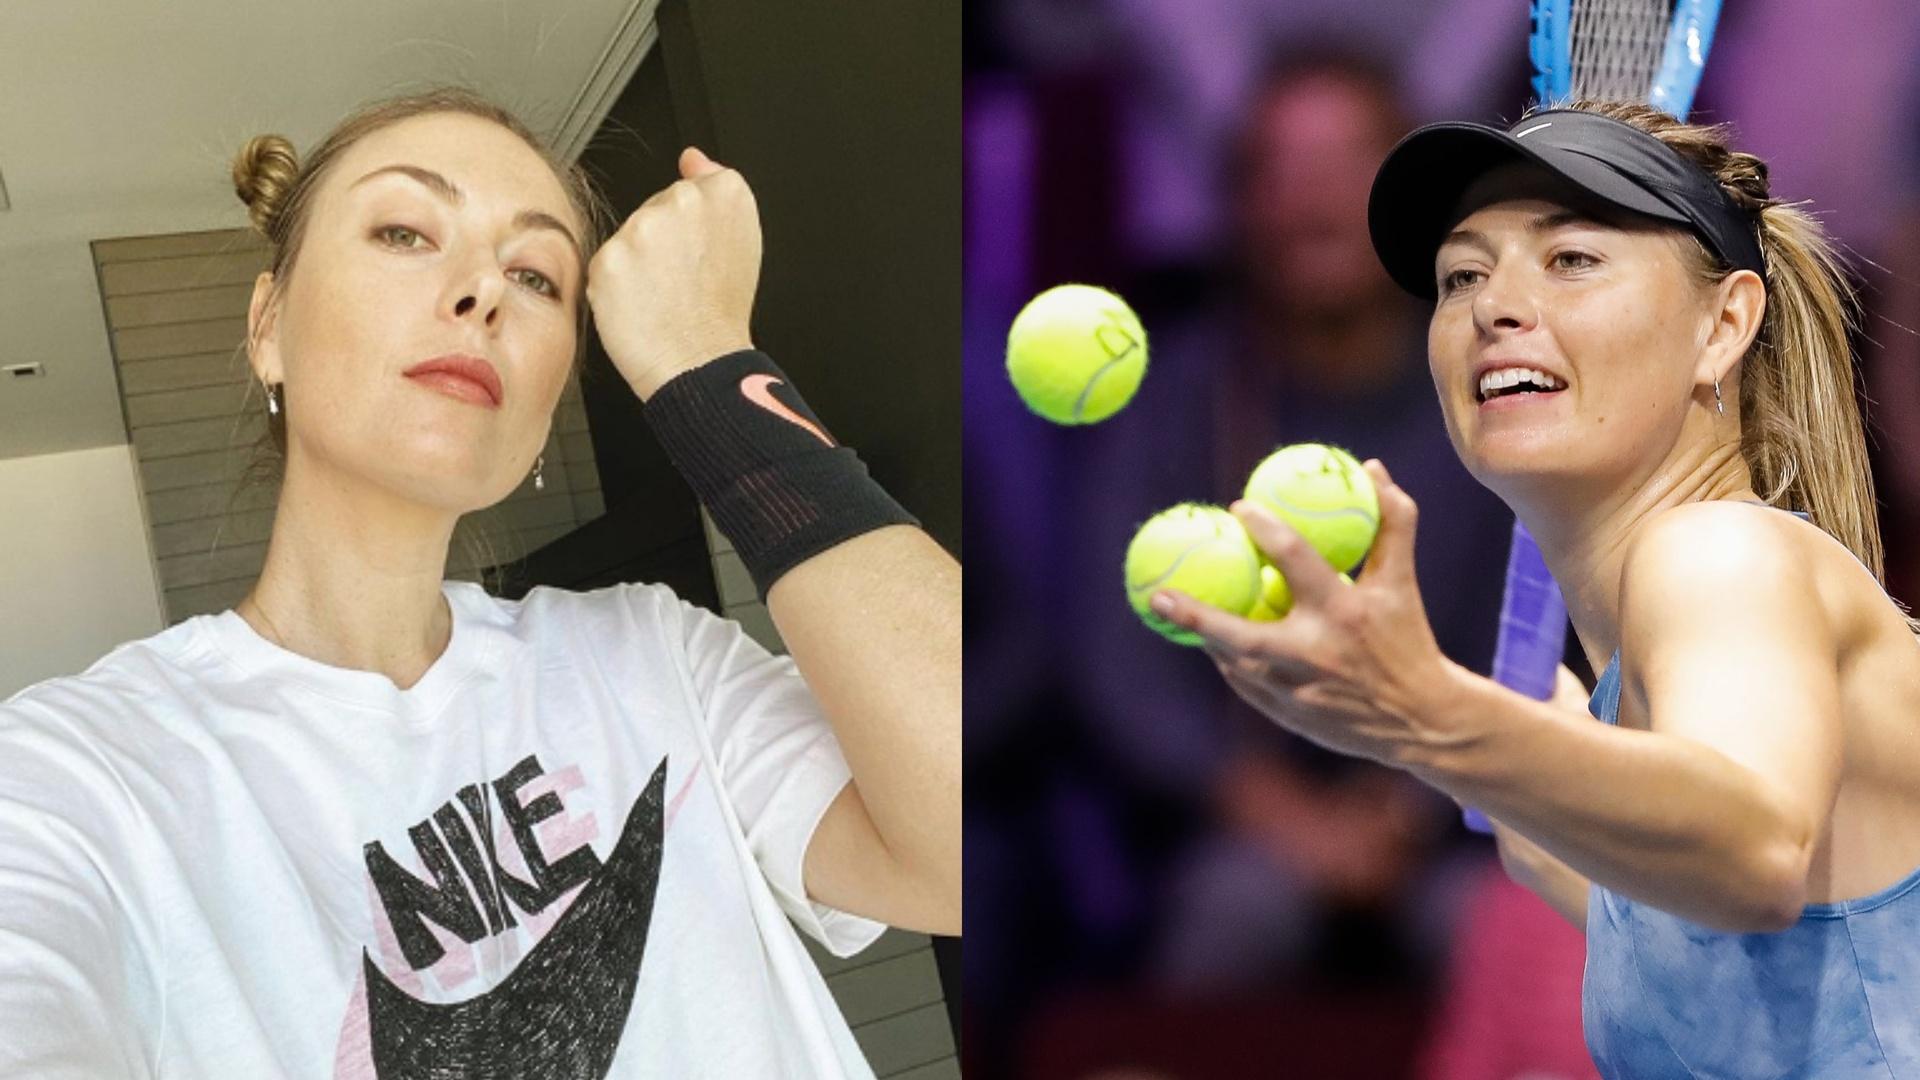 بعد اعتزالها التنس.. الحسناء الروسية تتحول إلى رياضة جديدة (فيديو)